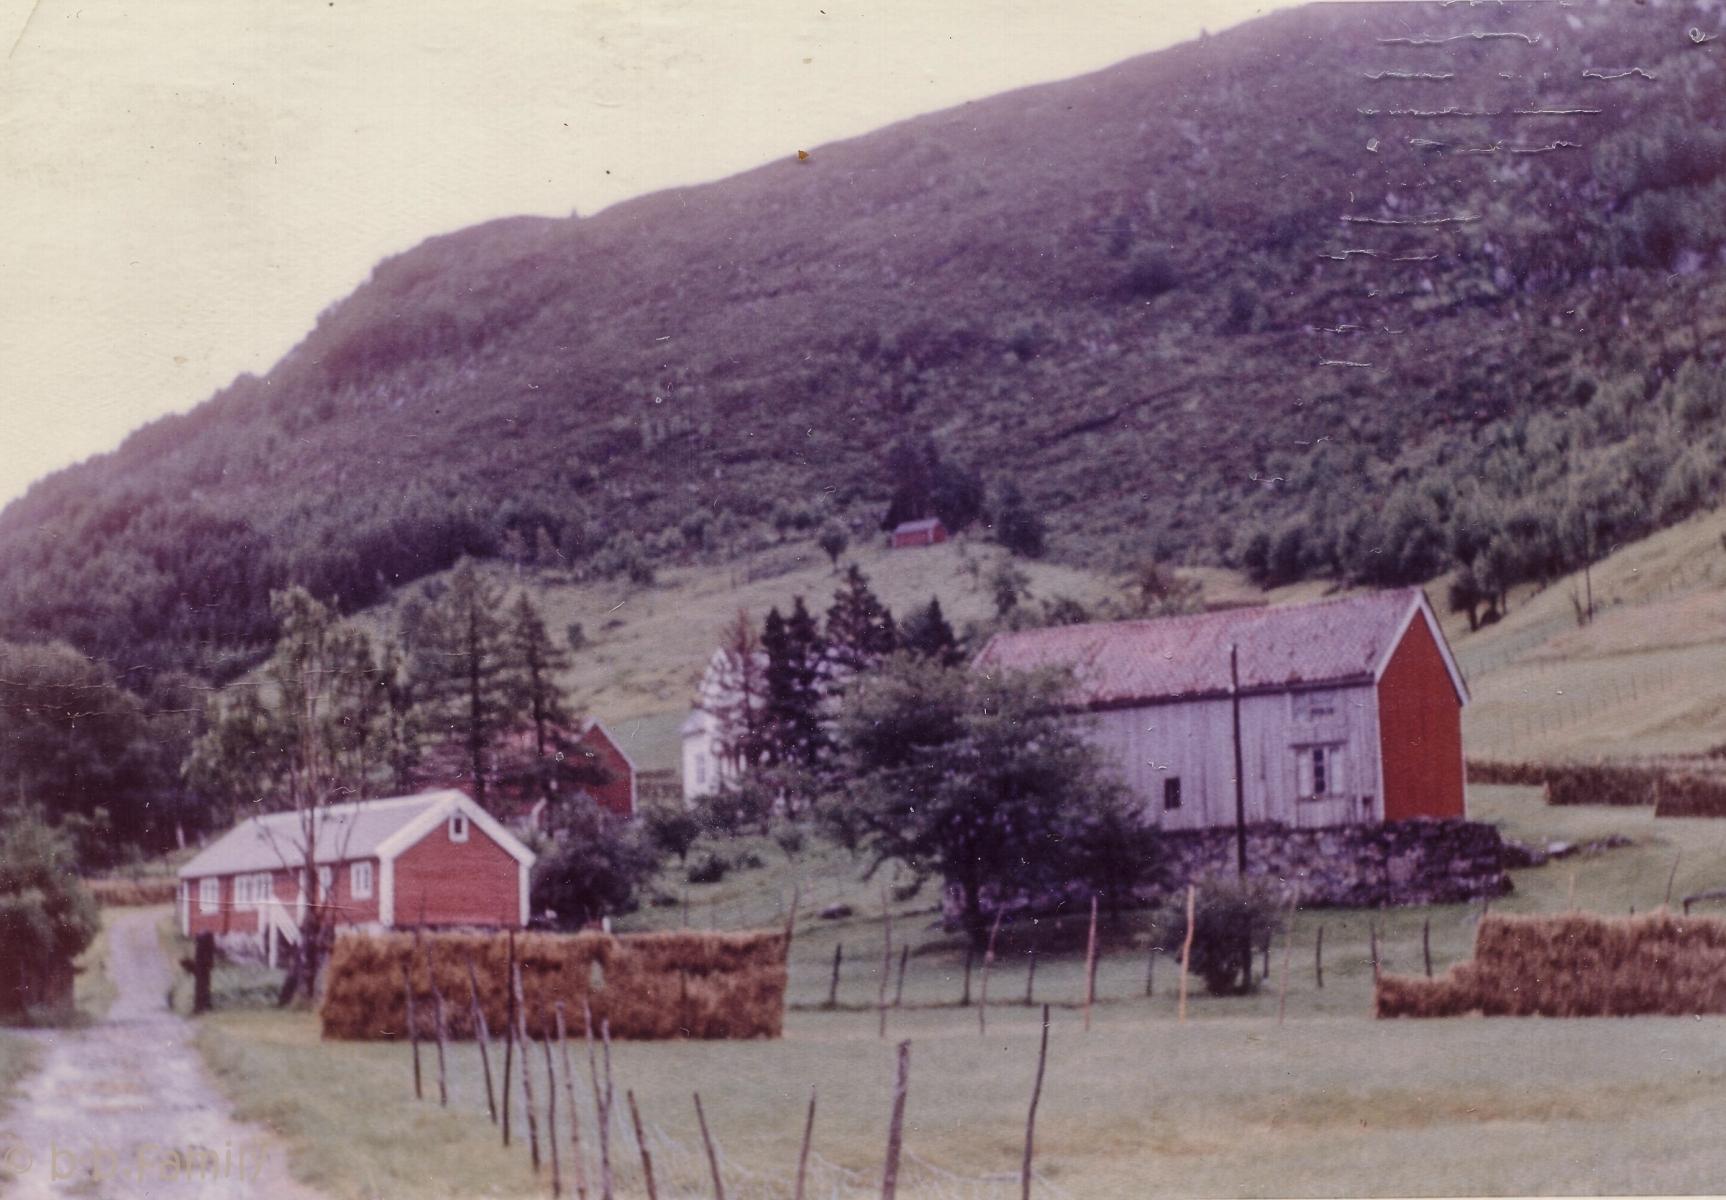 Ca 1958 Hessevåg bakken i Rugsund